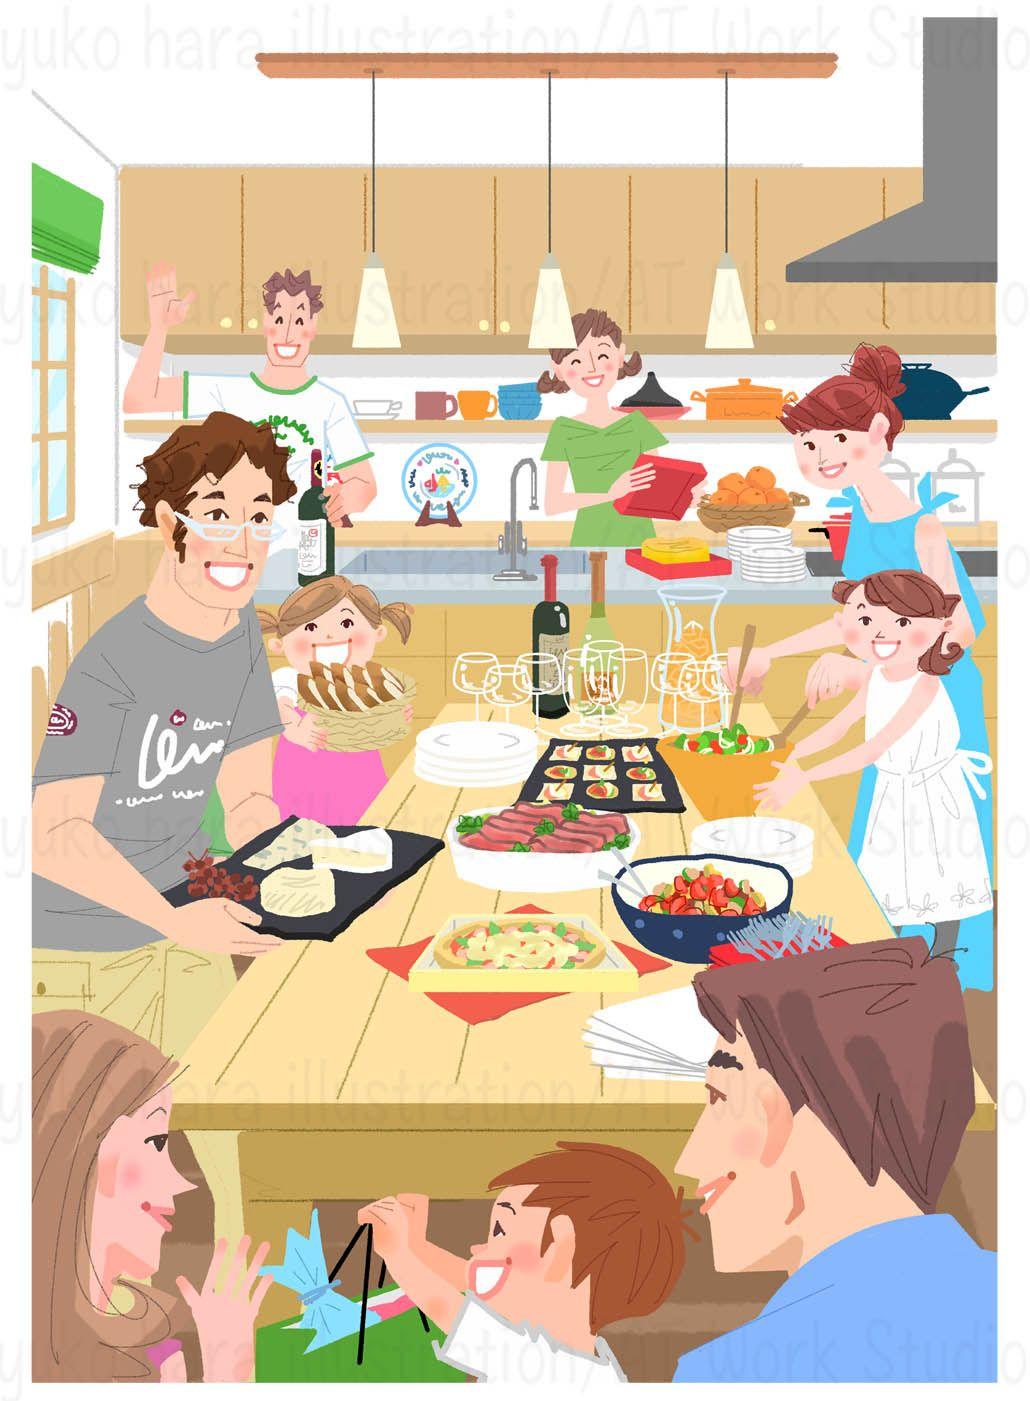 はらゆうこによるホームパーティの情景を描いたイラスト